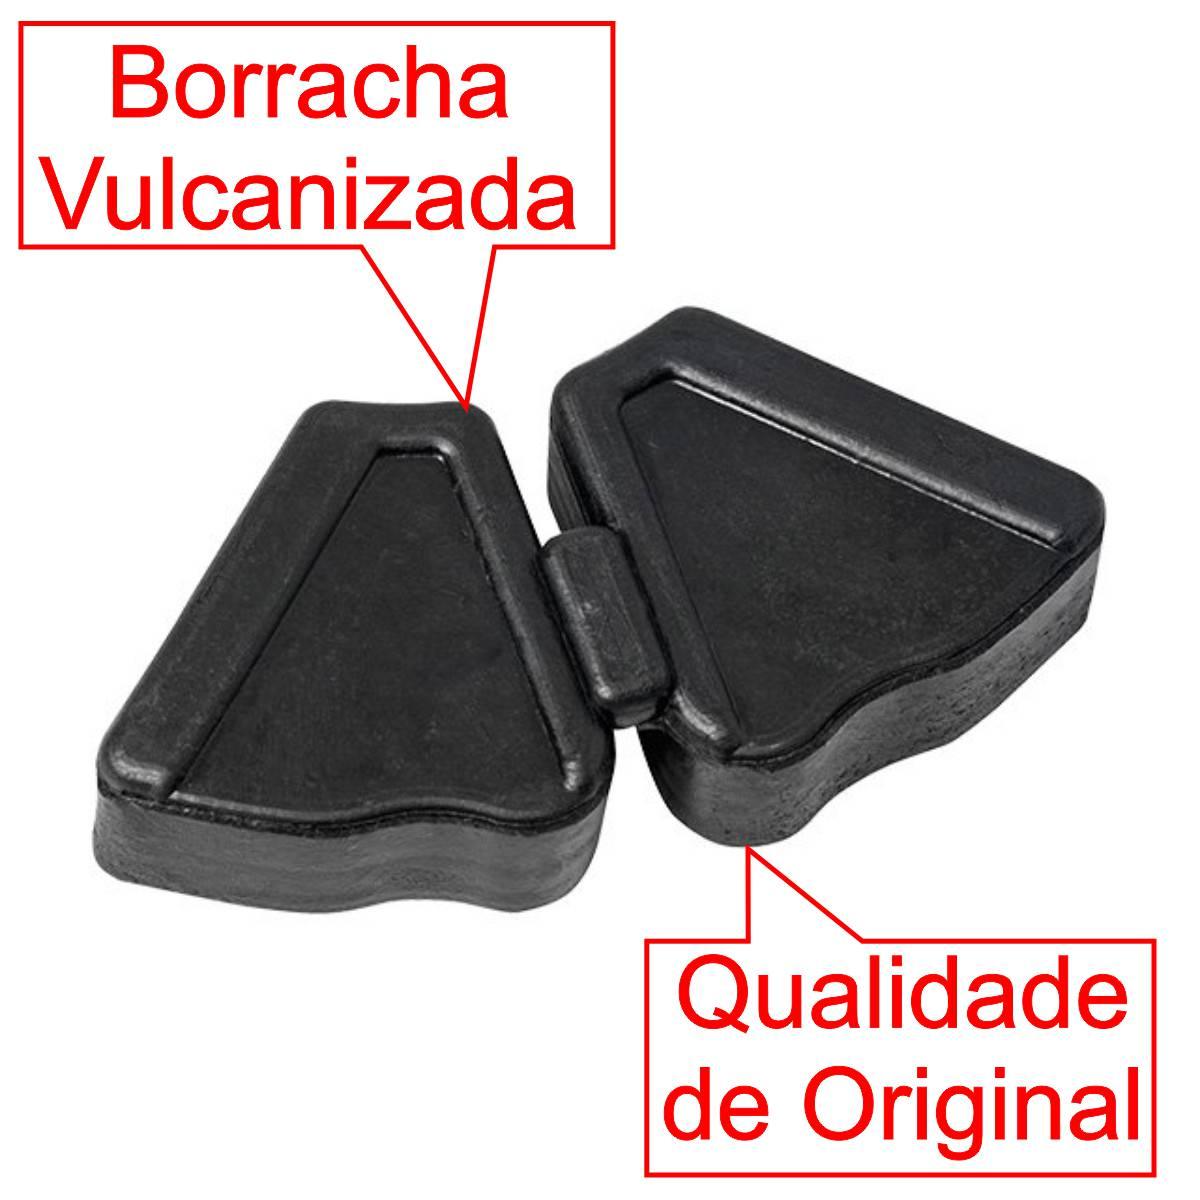 BUCHA DA COROA COXIM BRANDY CUBO TRASEIRO BORRACHA RODA MOTO HONDA C 100 BIZ ES e C 100 BIZ KS